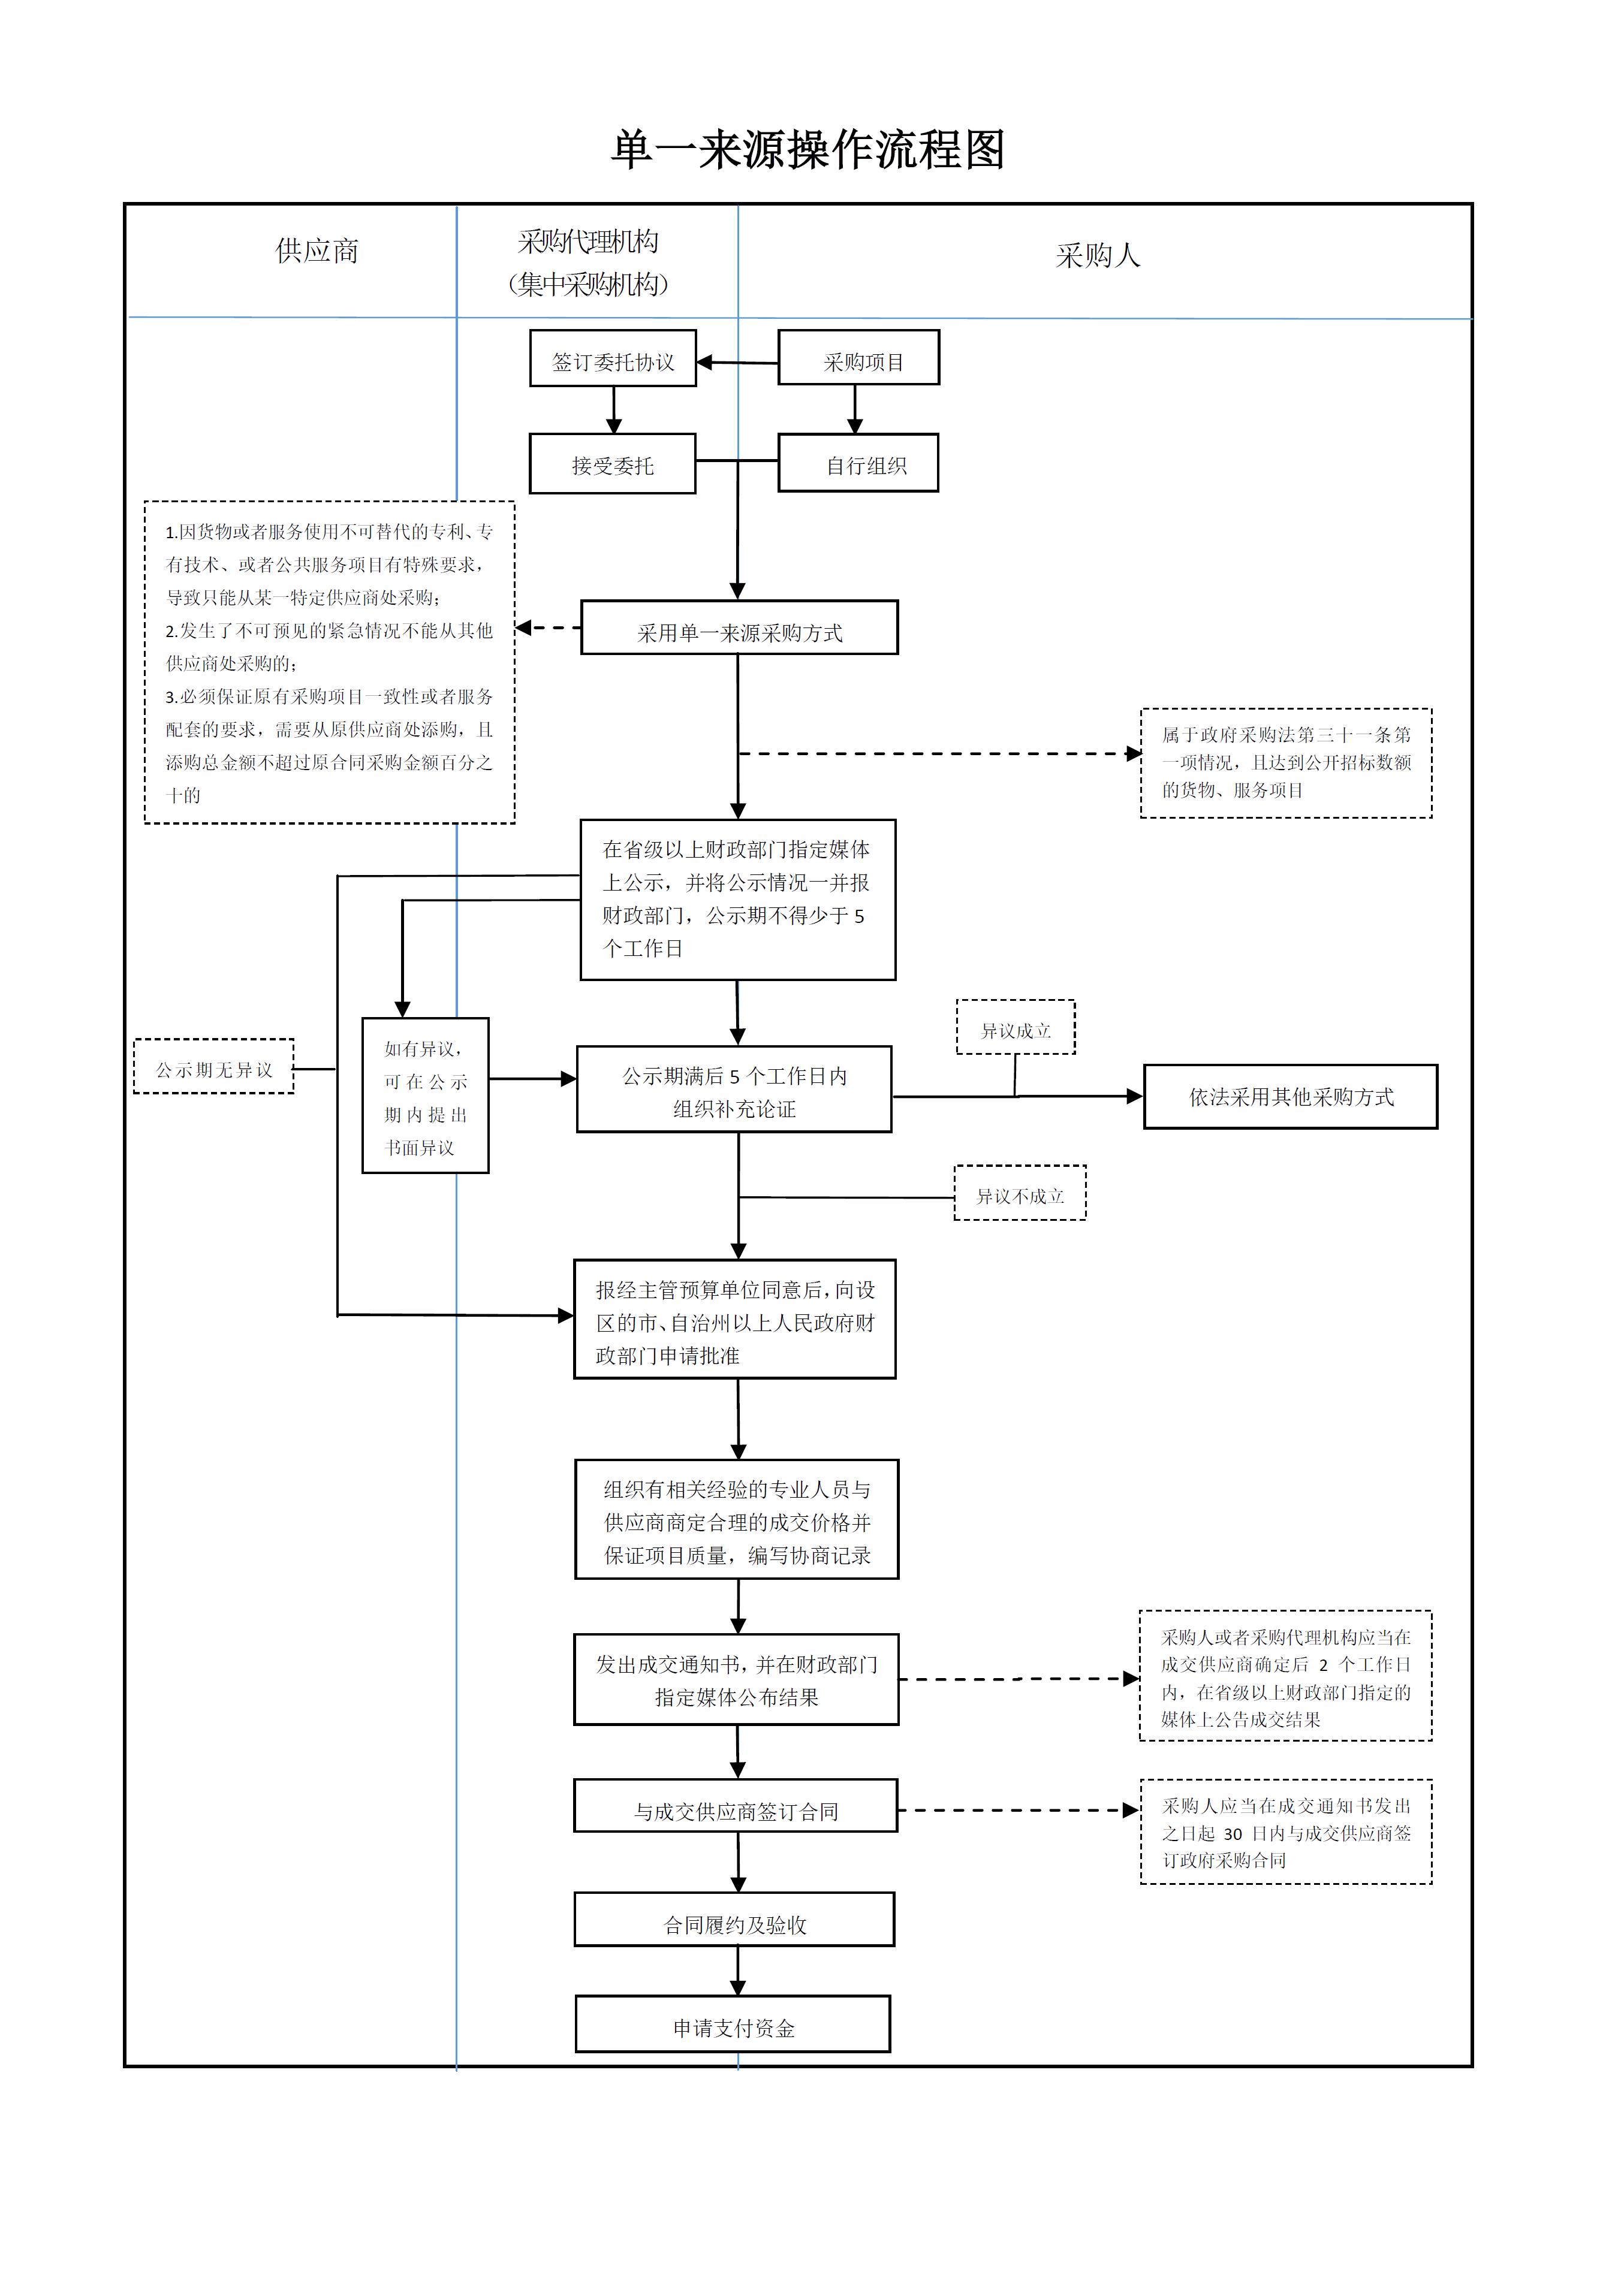 单一来源操作流程图